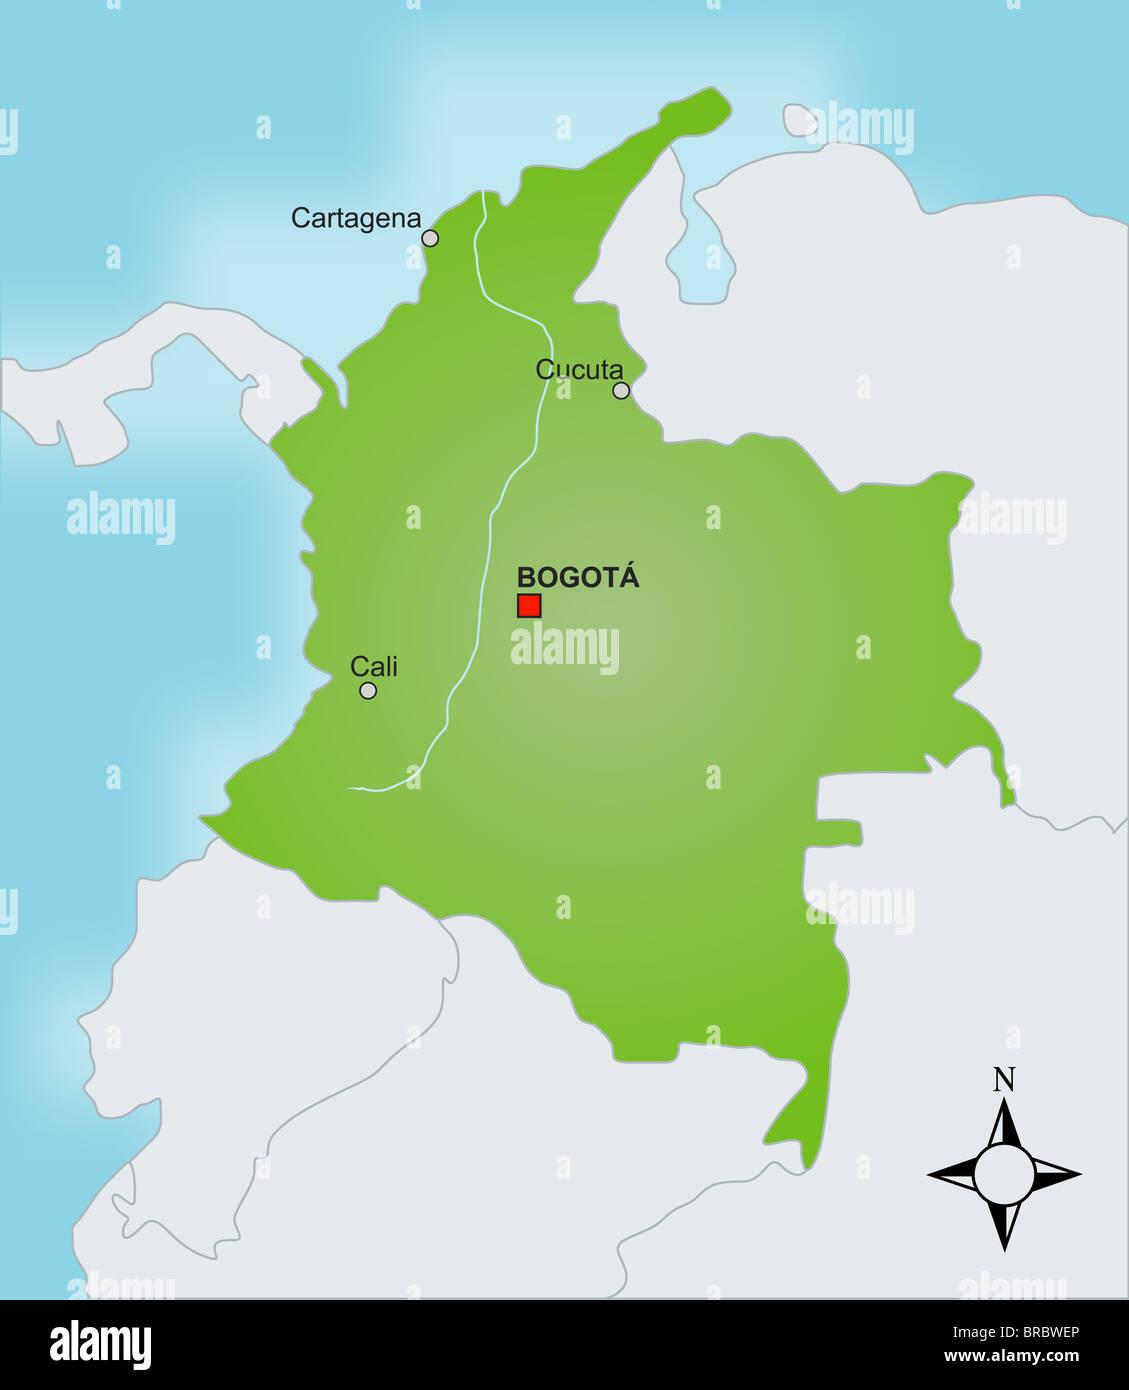 Mapa De Colombia Ciudades.Una Estilizada Mapa De Colombia Mostrando Las Diferentes